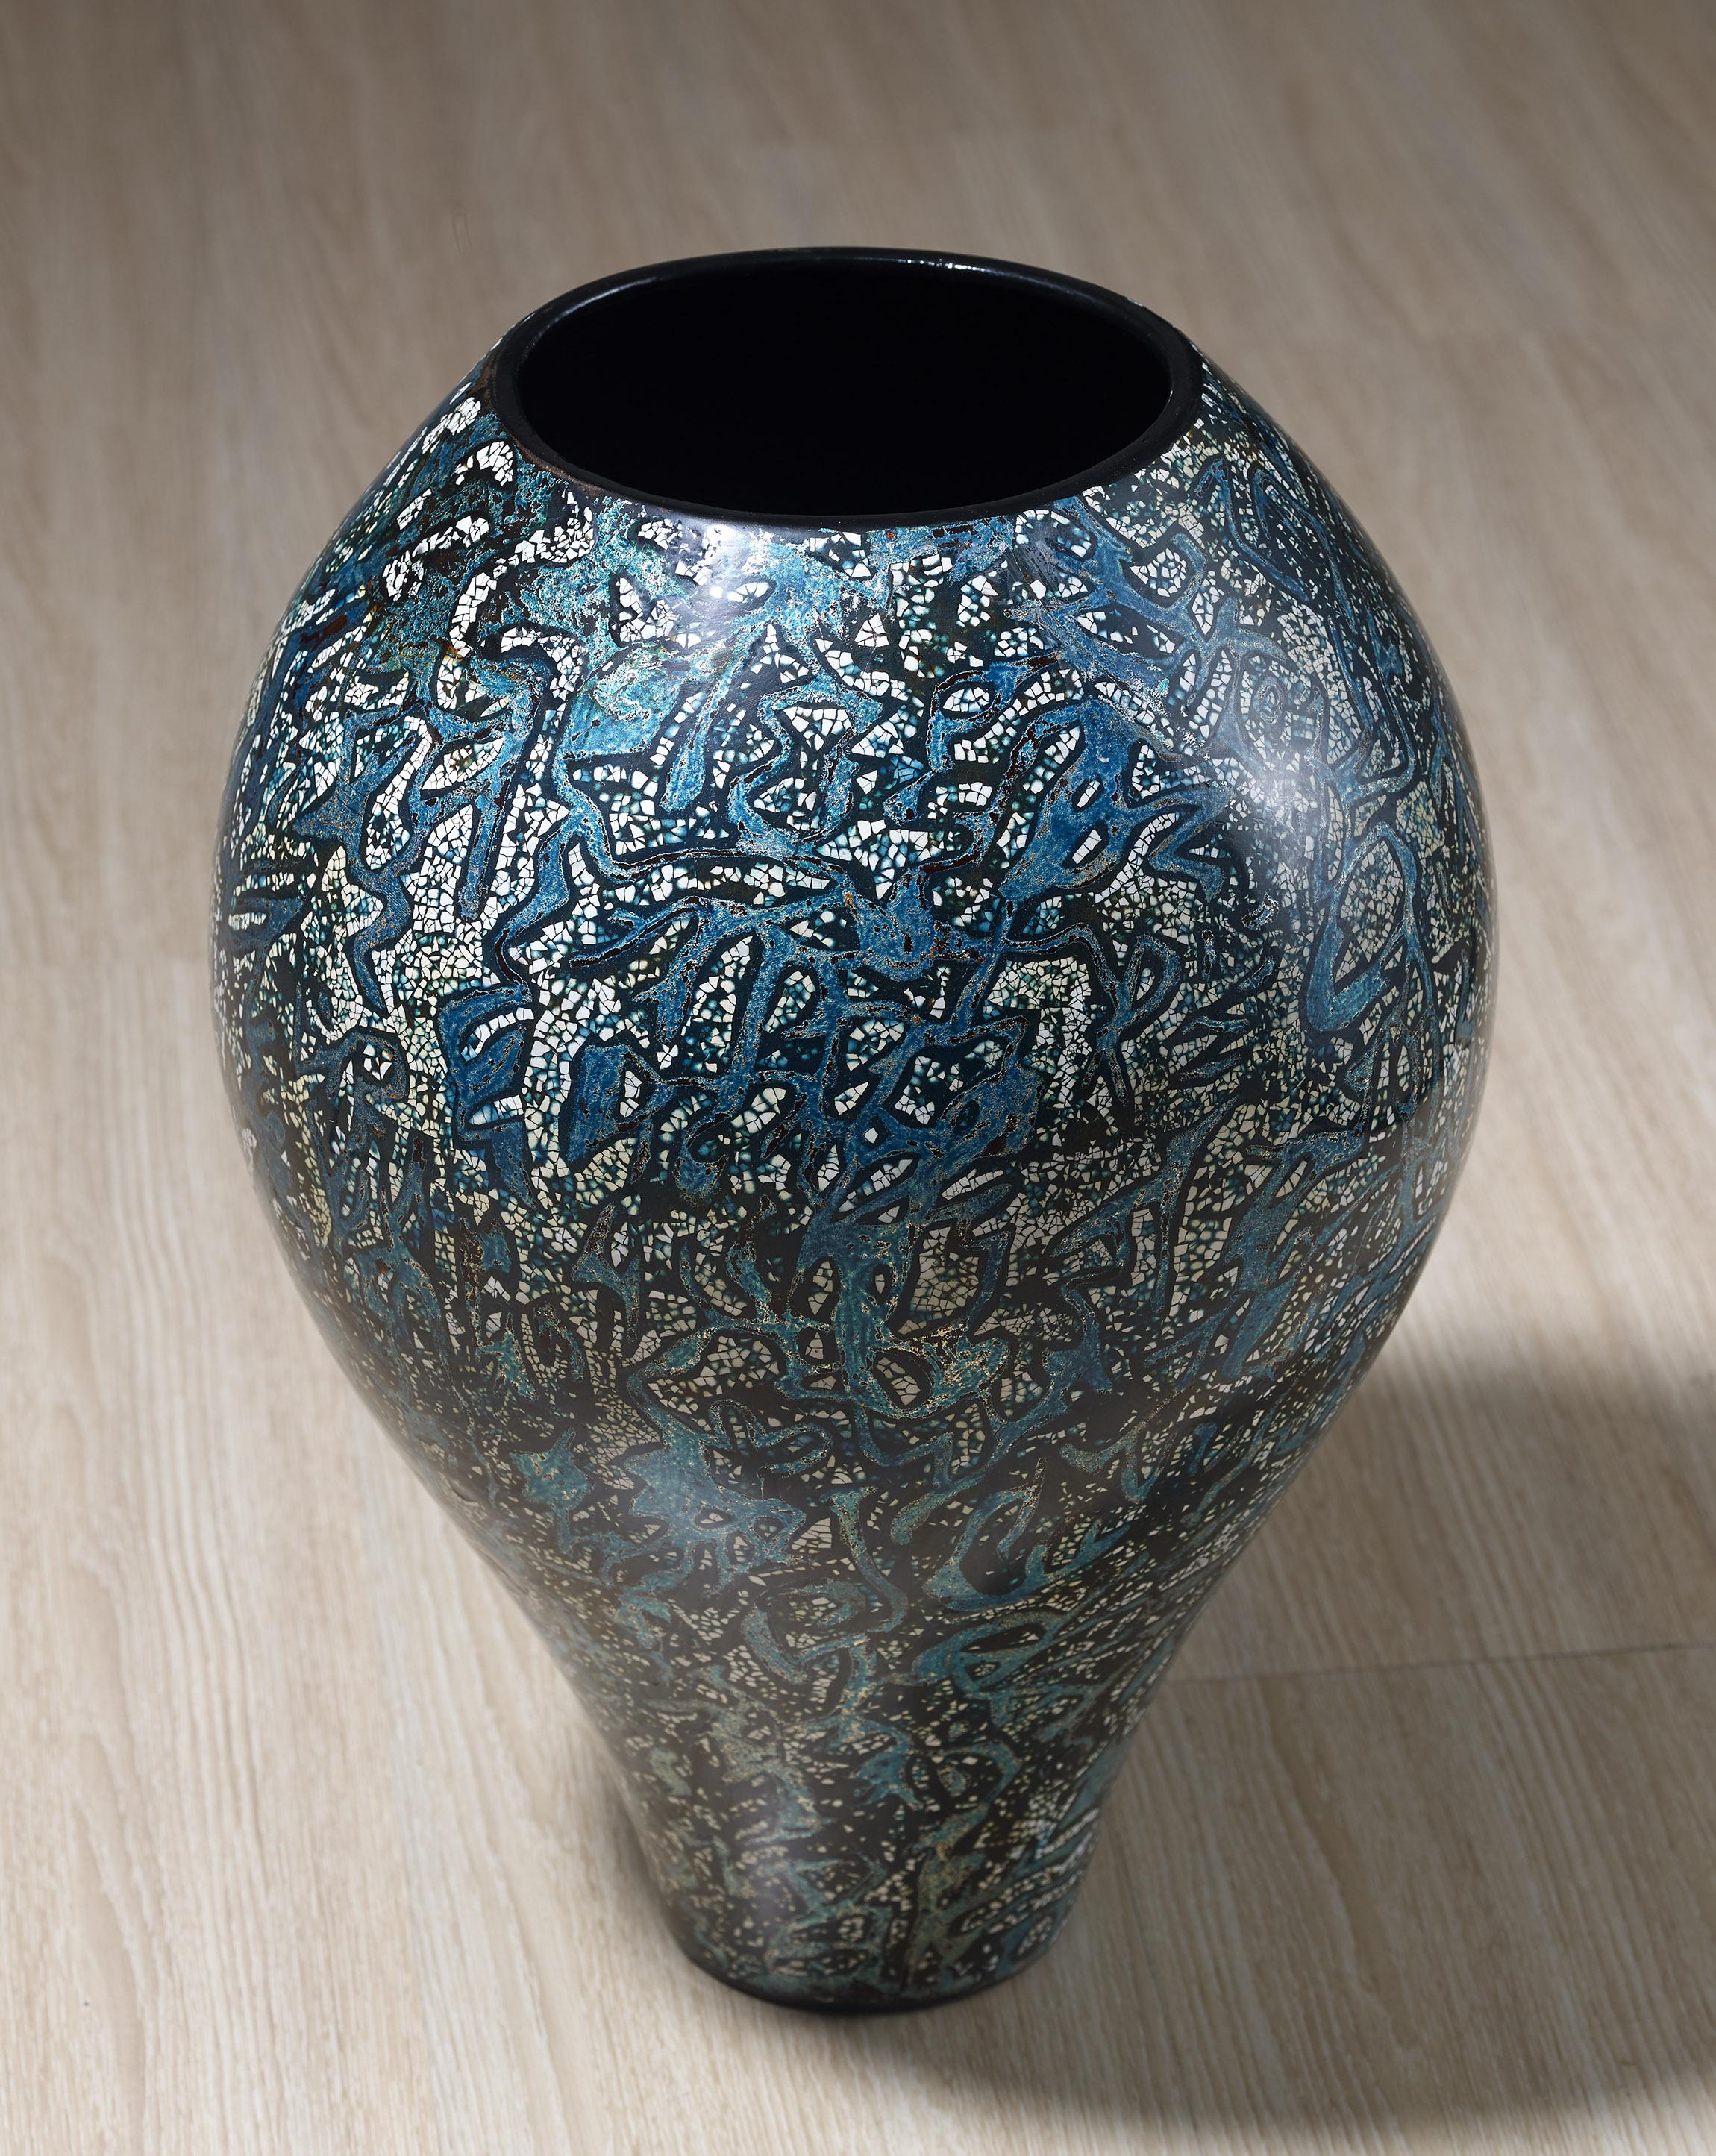 汪天亮  綠光  高45cm  脫胎漆瓶  2002